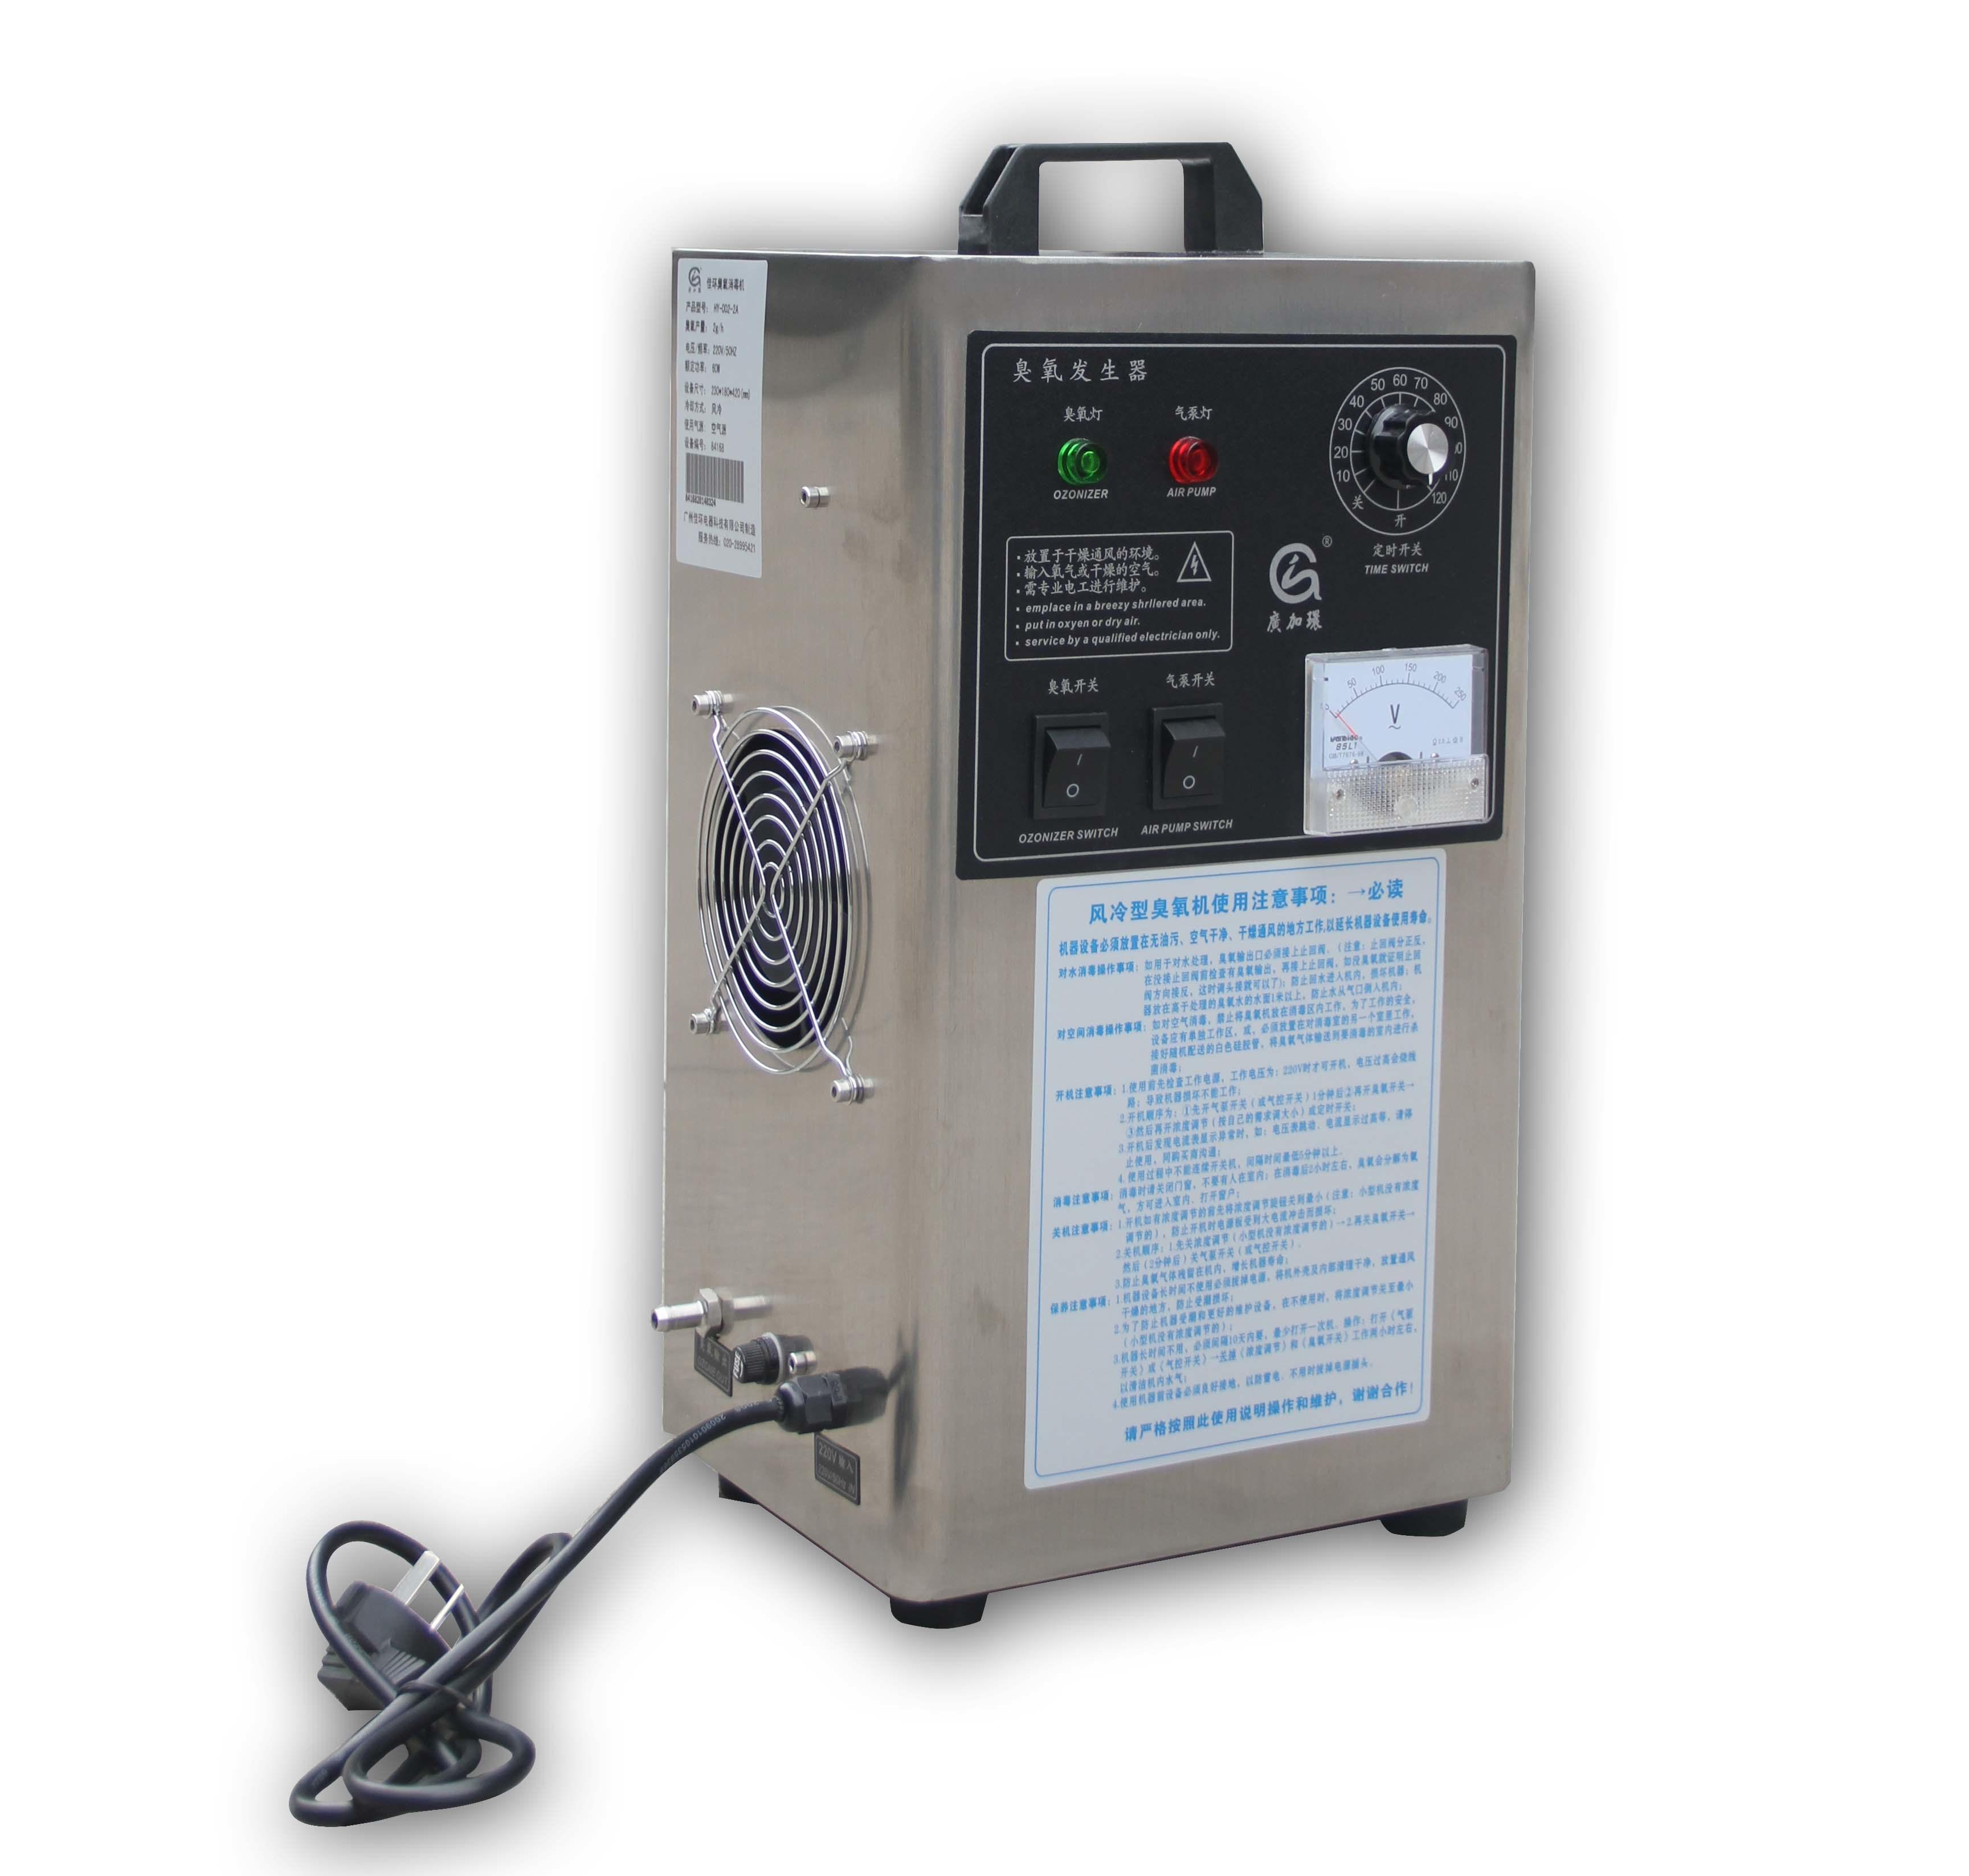 Home Use Ozone Generator Guangzhou Jiahuan Appliance Technology